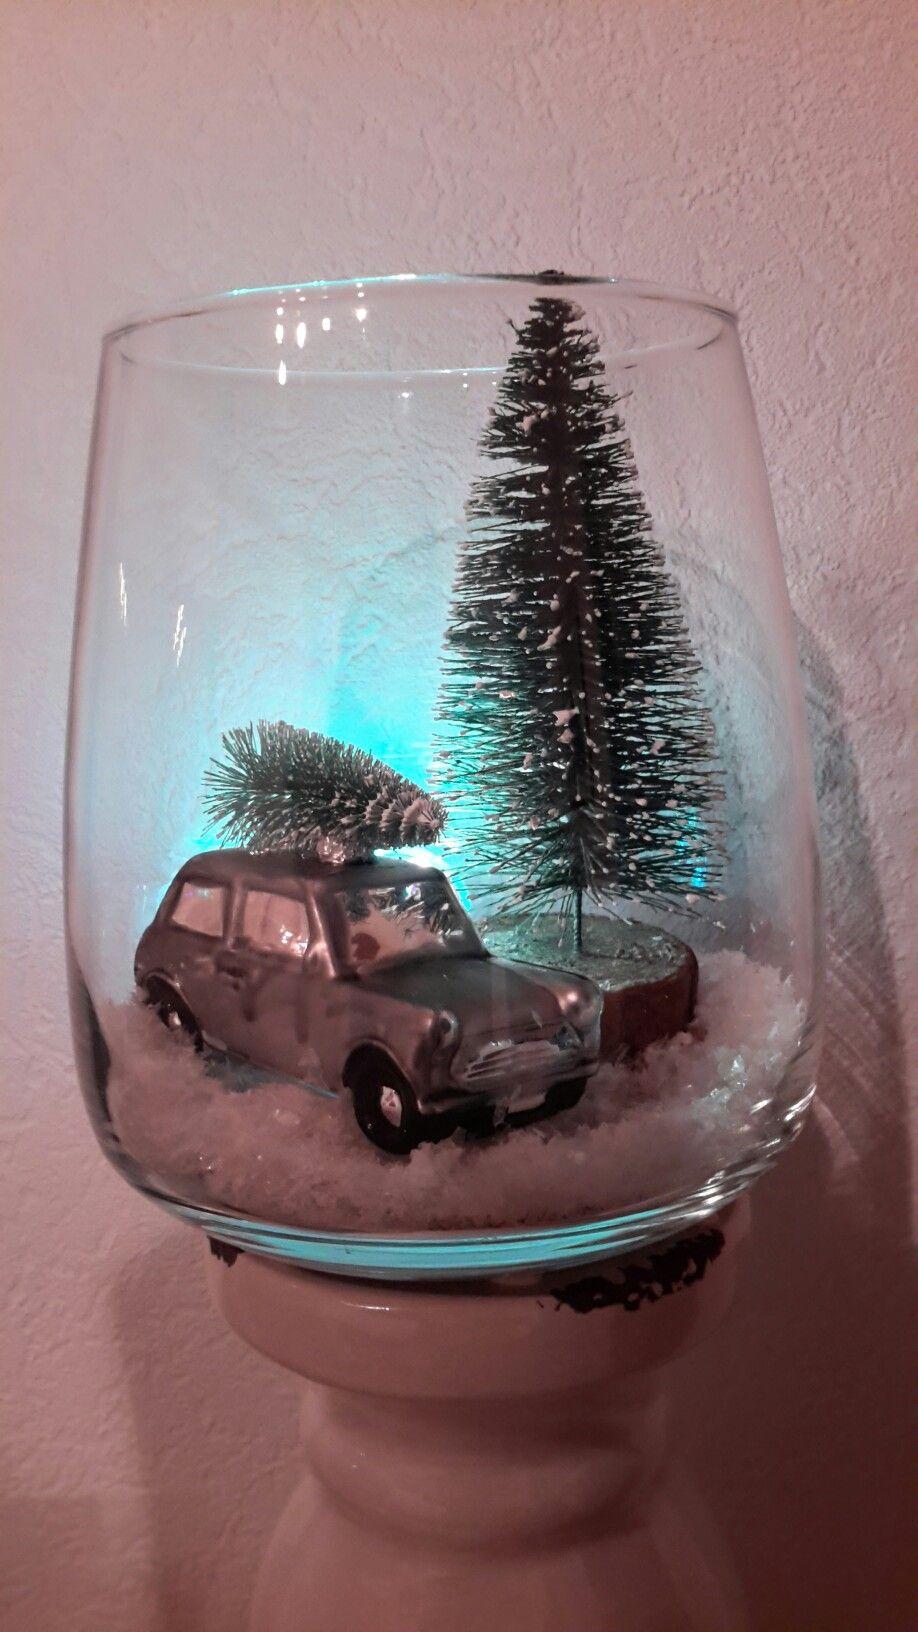 Deko Auto im Glas Deco glass, Weihnachtsdekoration im